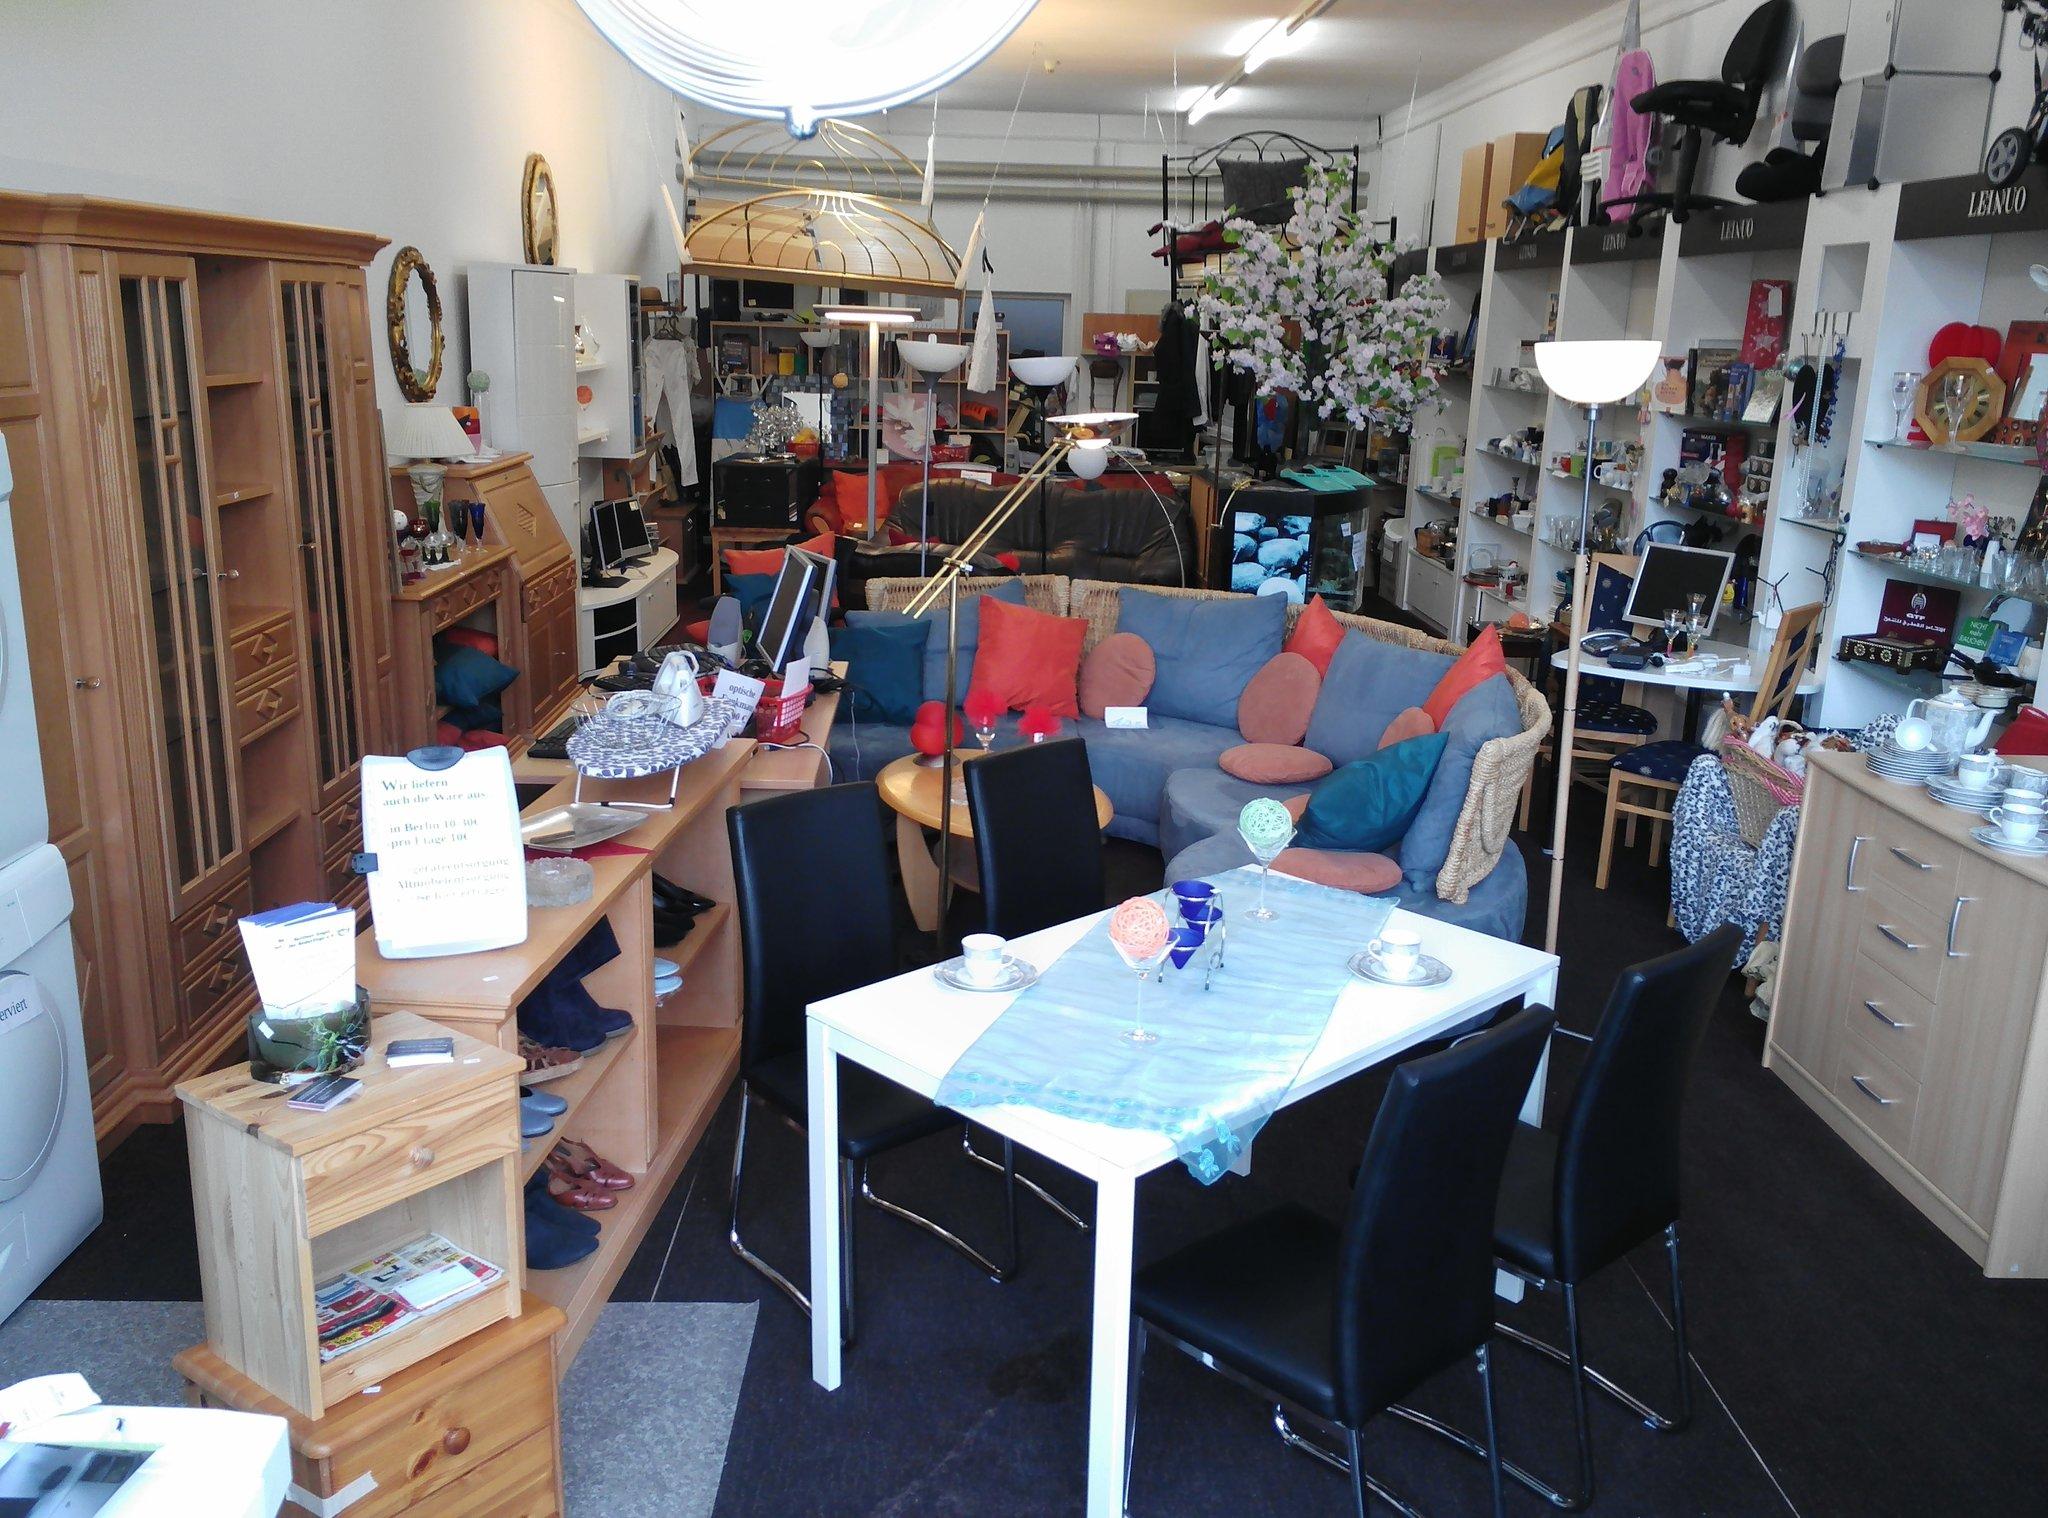 m belb rse berliner engel f r bed rftige e v lichtenberg. Black Bedroom Furniture Sets. Home Design Ideas